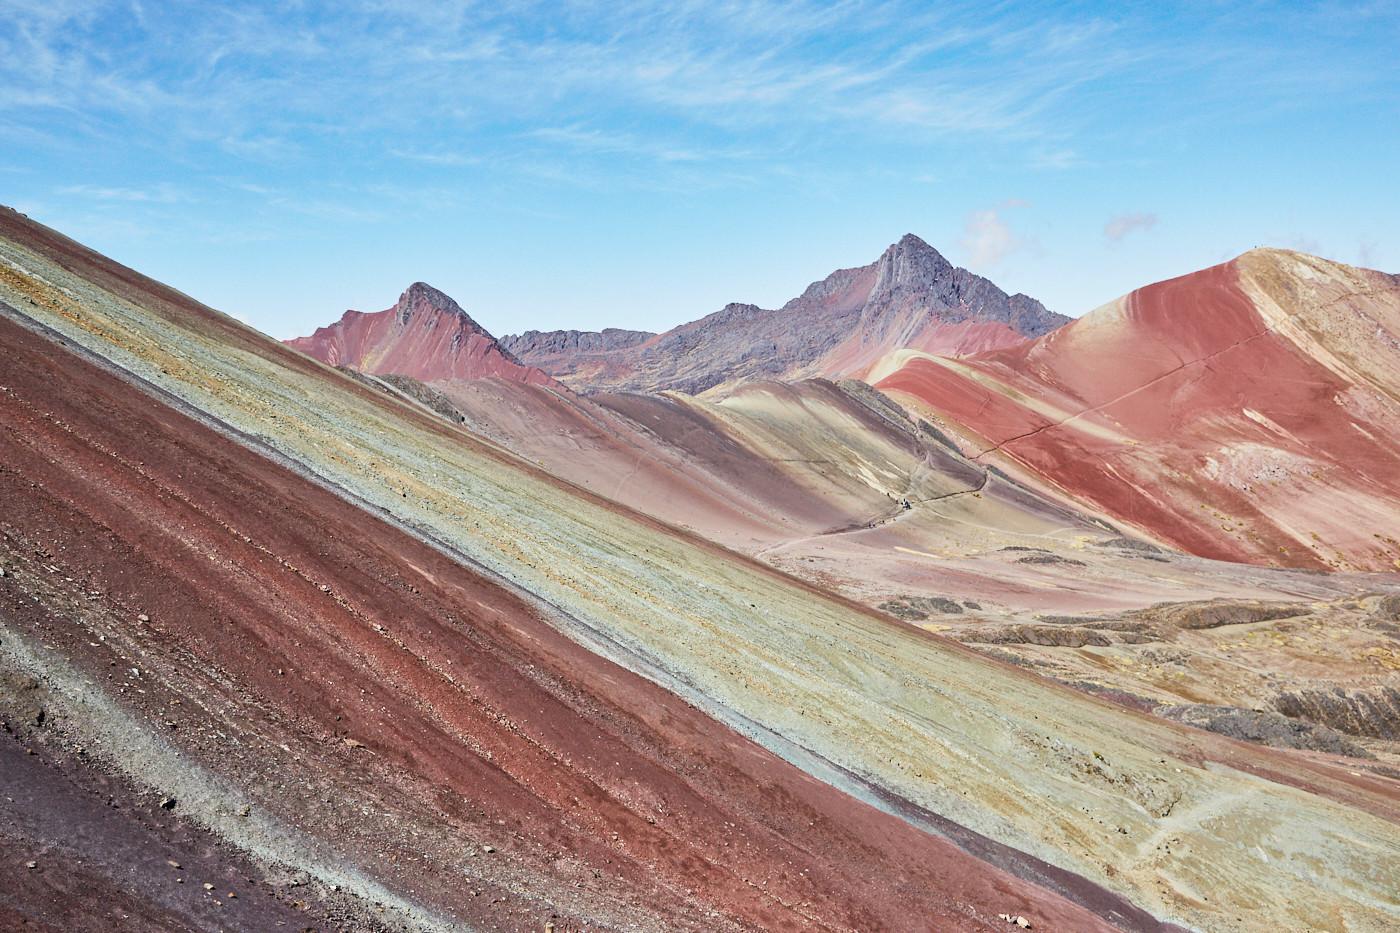 Der Rainbow Mountain und das Red Valley in Peru